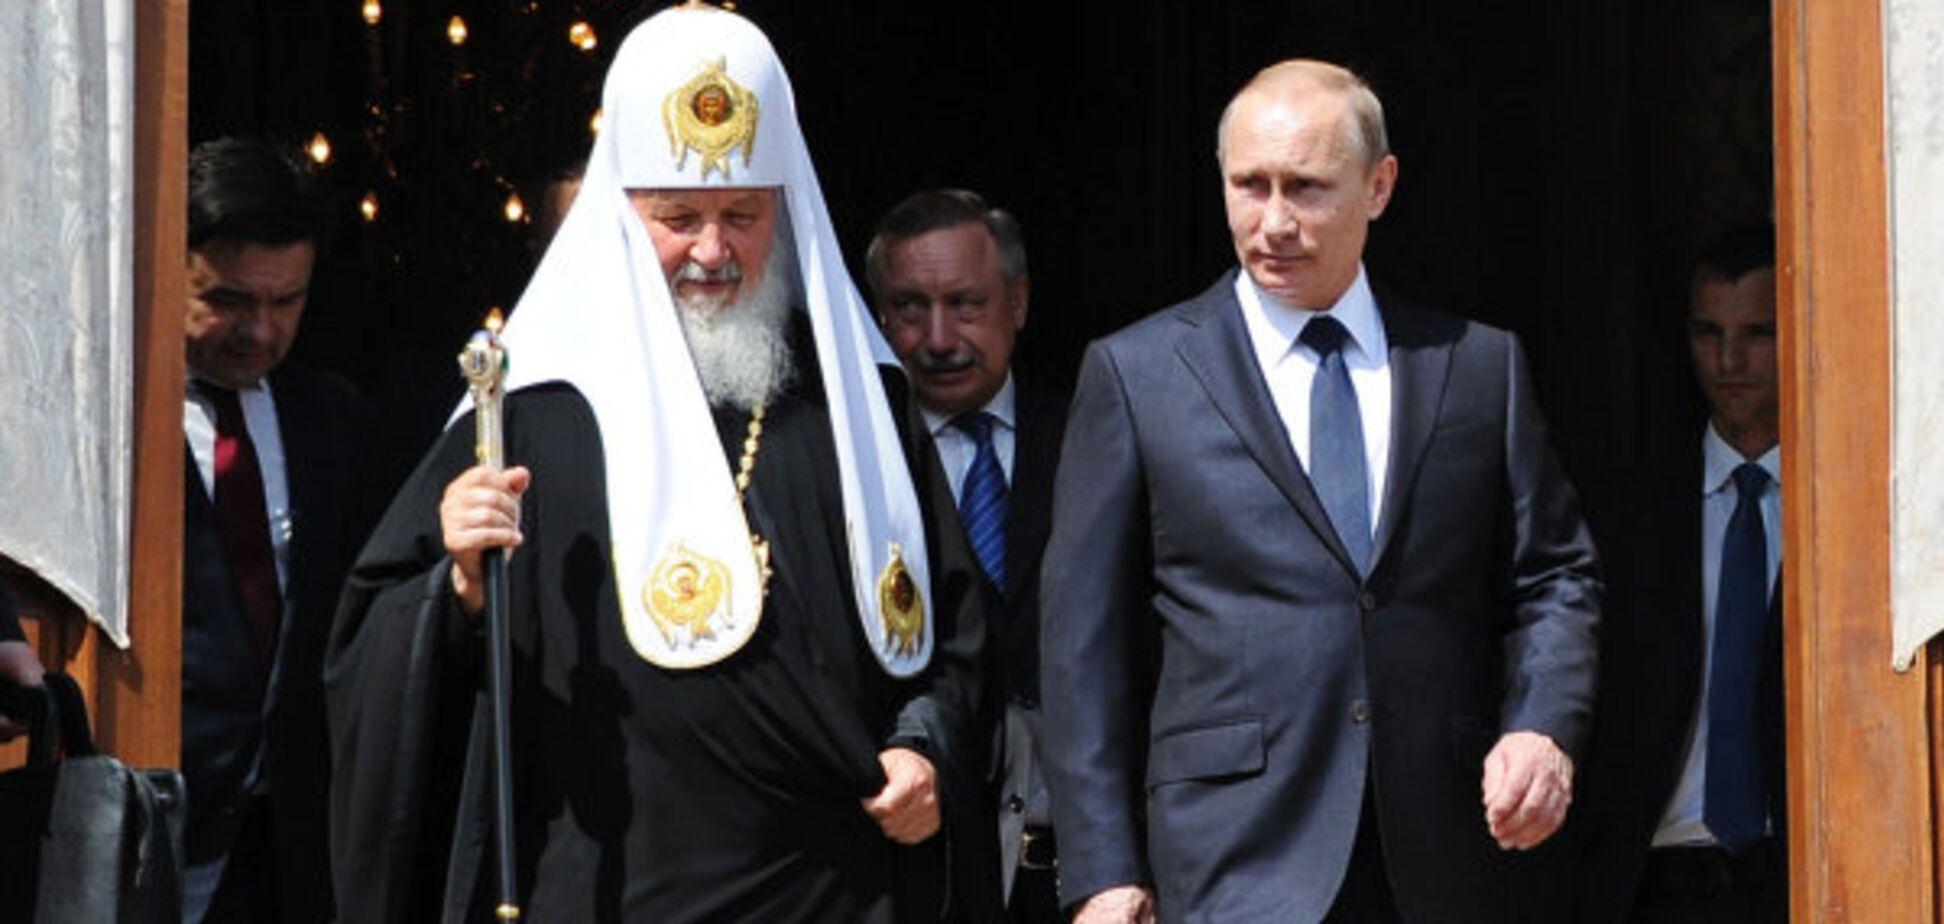 Кирило посварився з Путіним? Експерт розповів про кримінальні корені їхніх відносин